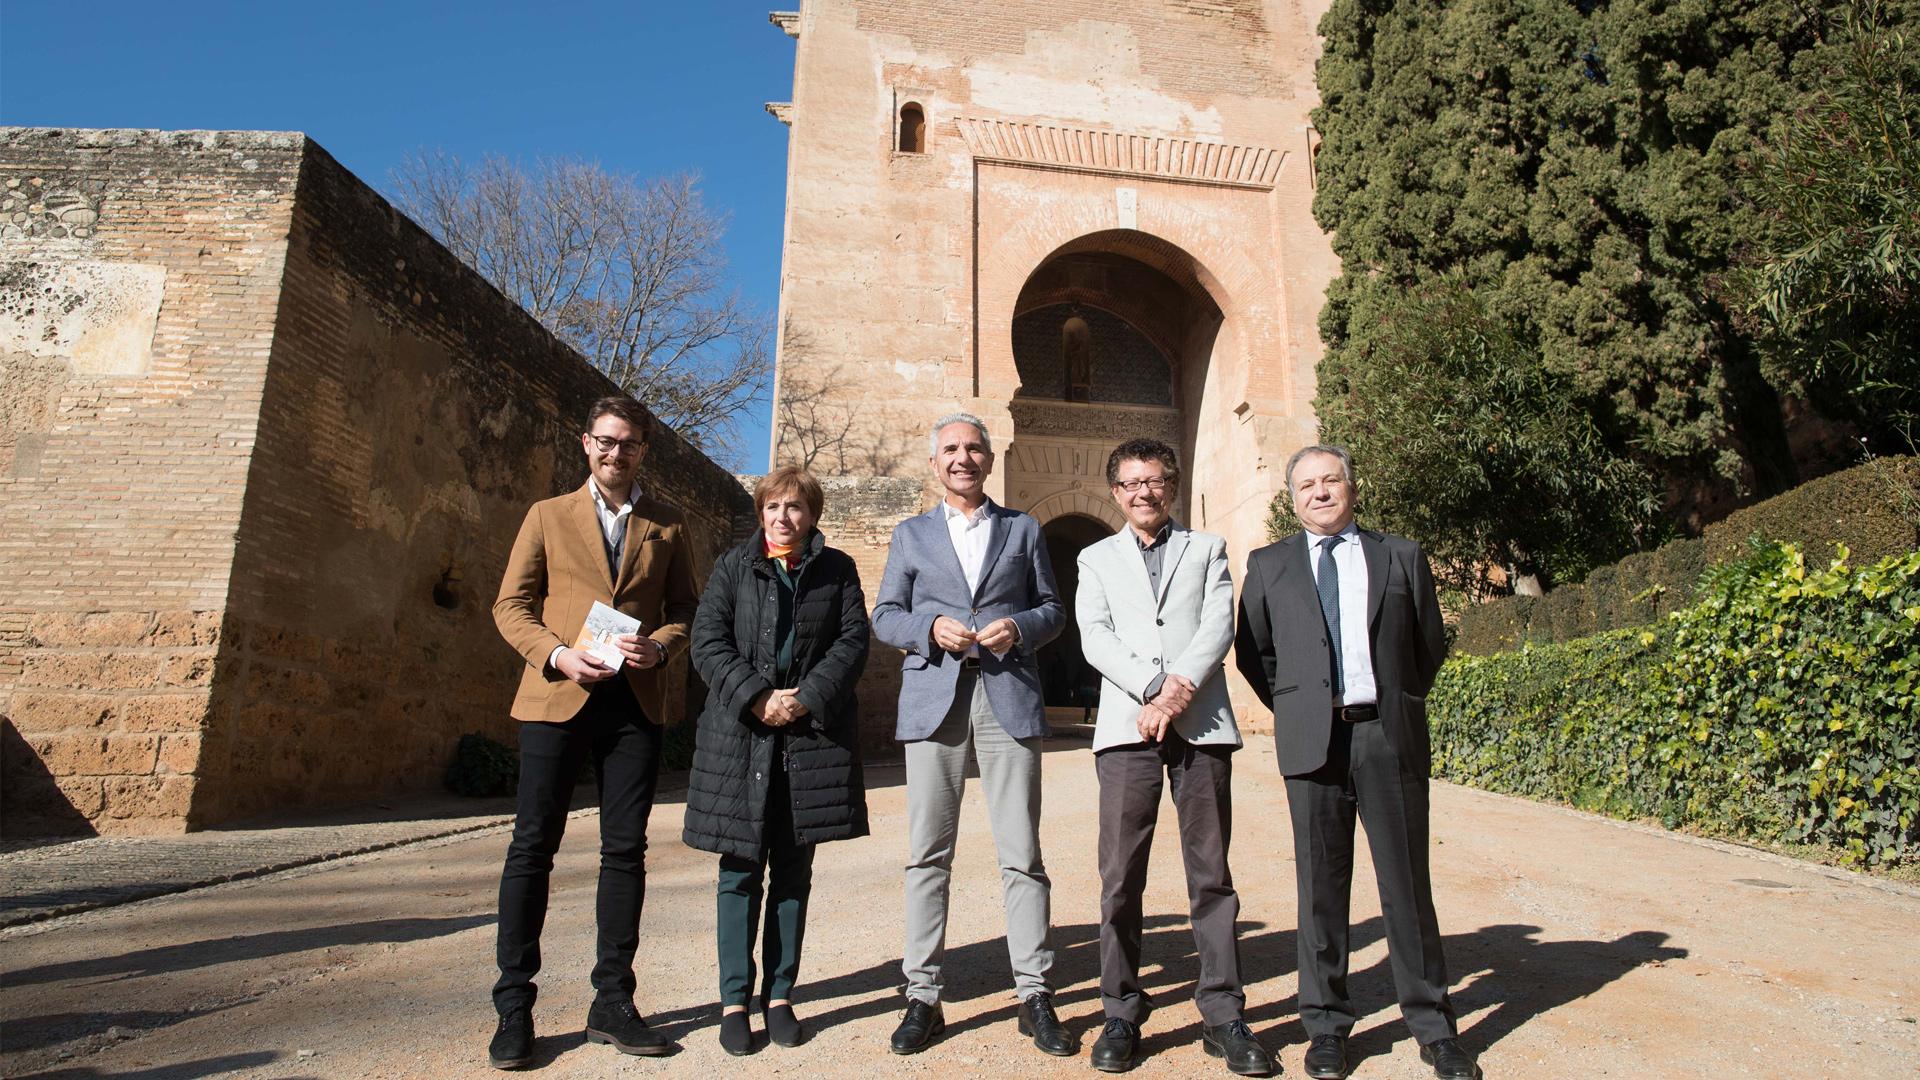 La Alhambra dedica una exposición a la historia y simbología de la puerta de la Justicia, Bab al-Saria